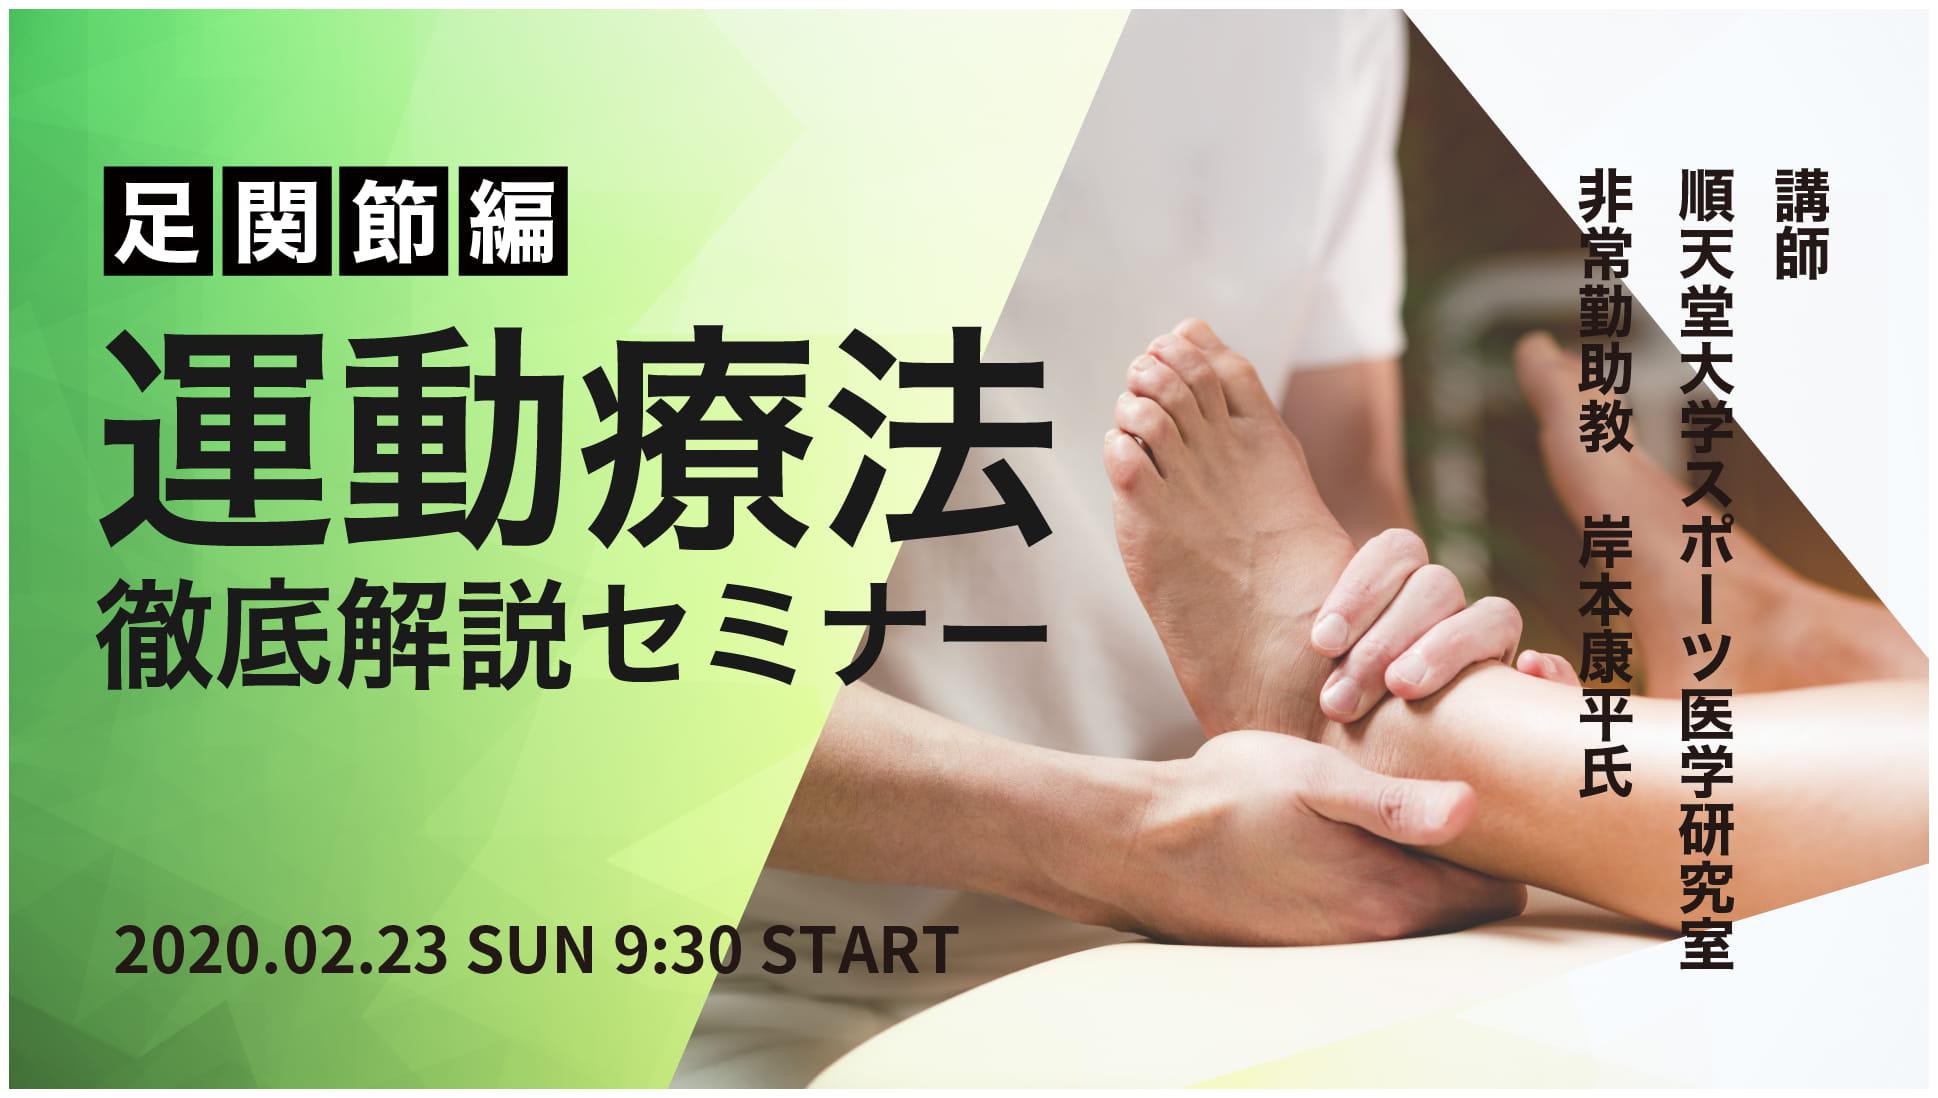 運動療法セミナー(足関節編)